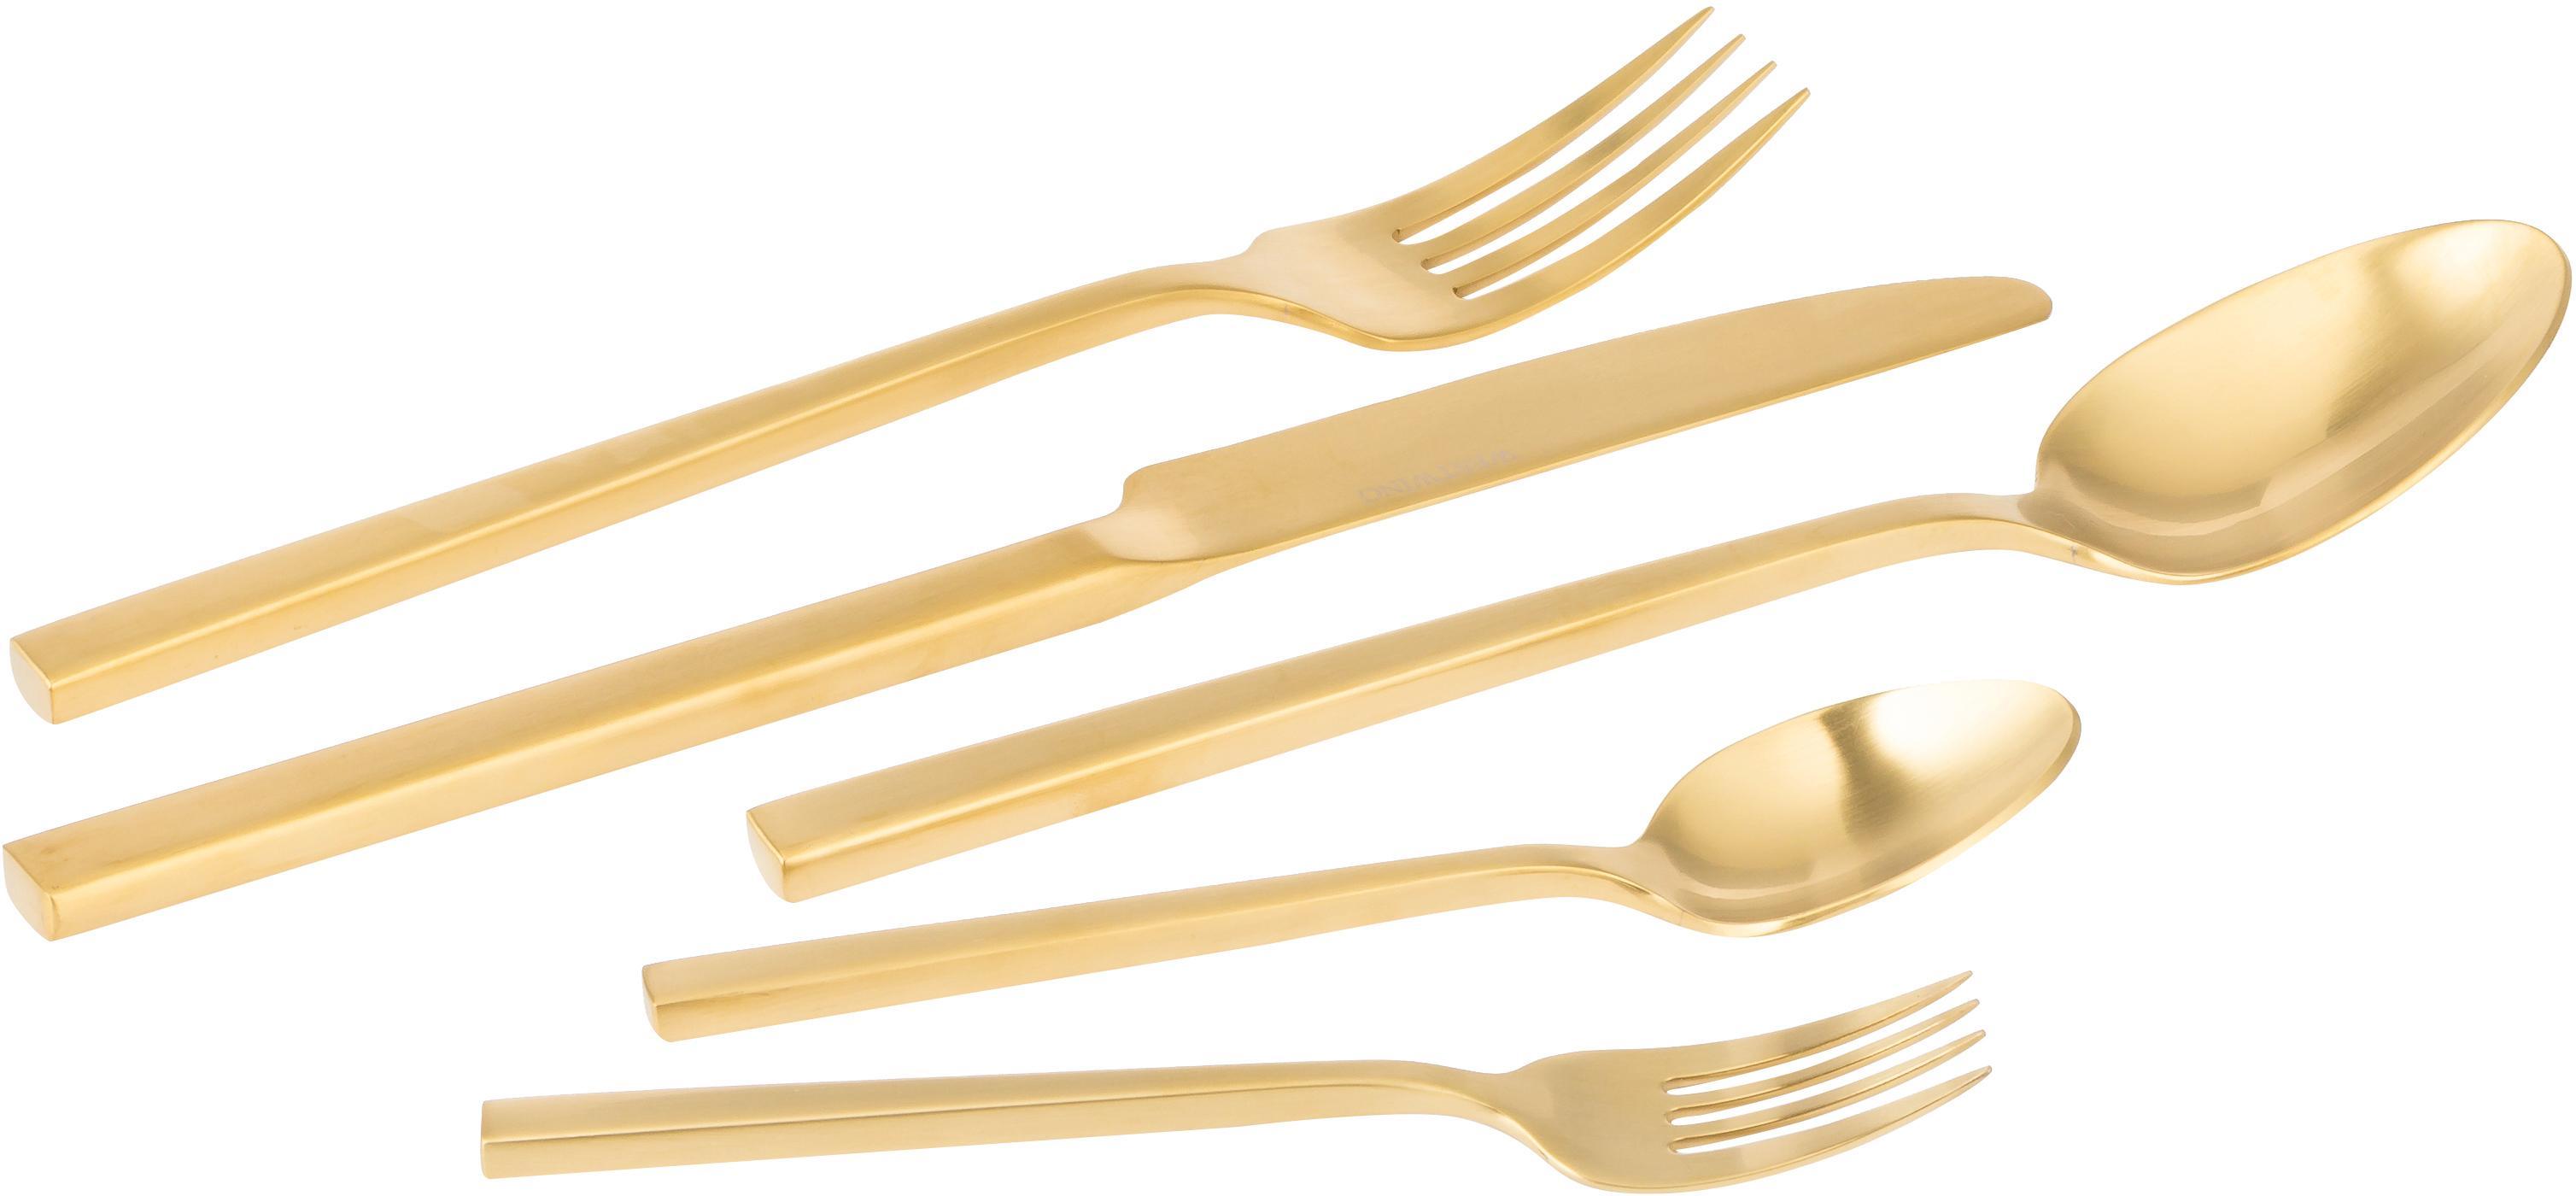 Goldfarbenes Besteck-Set Shine aus Edelstahl, in verschiedenen Setgrößen, Messer: Edelstahl 13/0, Goldfarben, 4 Personen (20-tlg.)